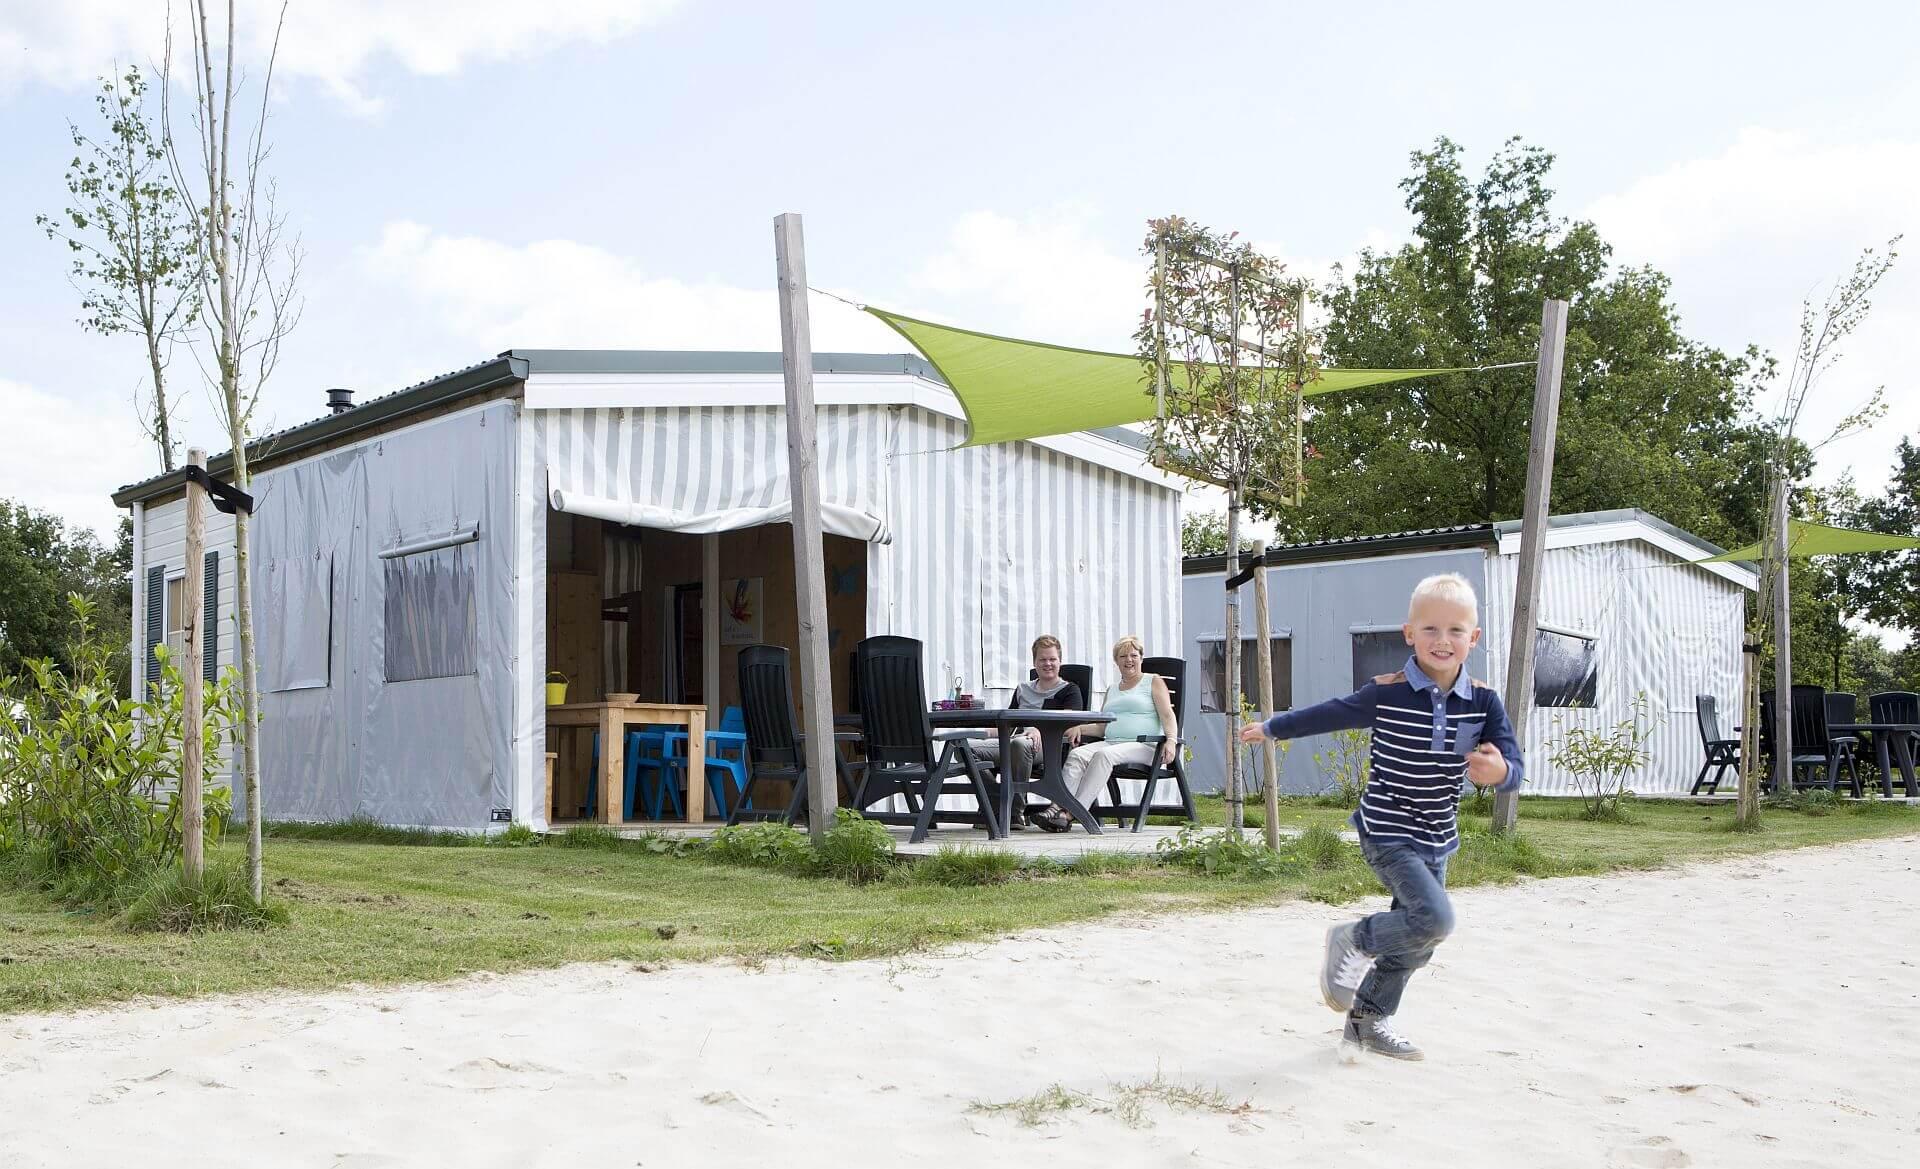 Camping Hardenberg voor gezinnen met kinderen - Camping Hardenberg